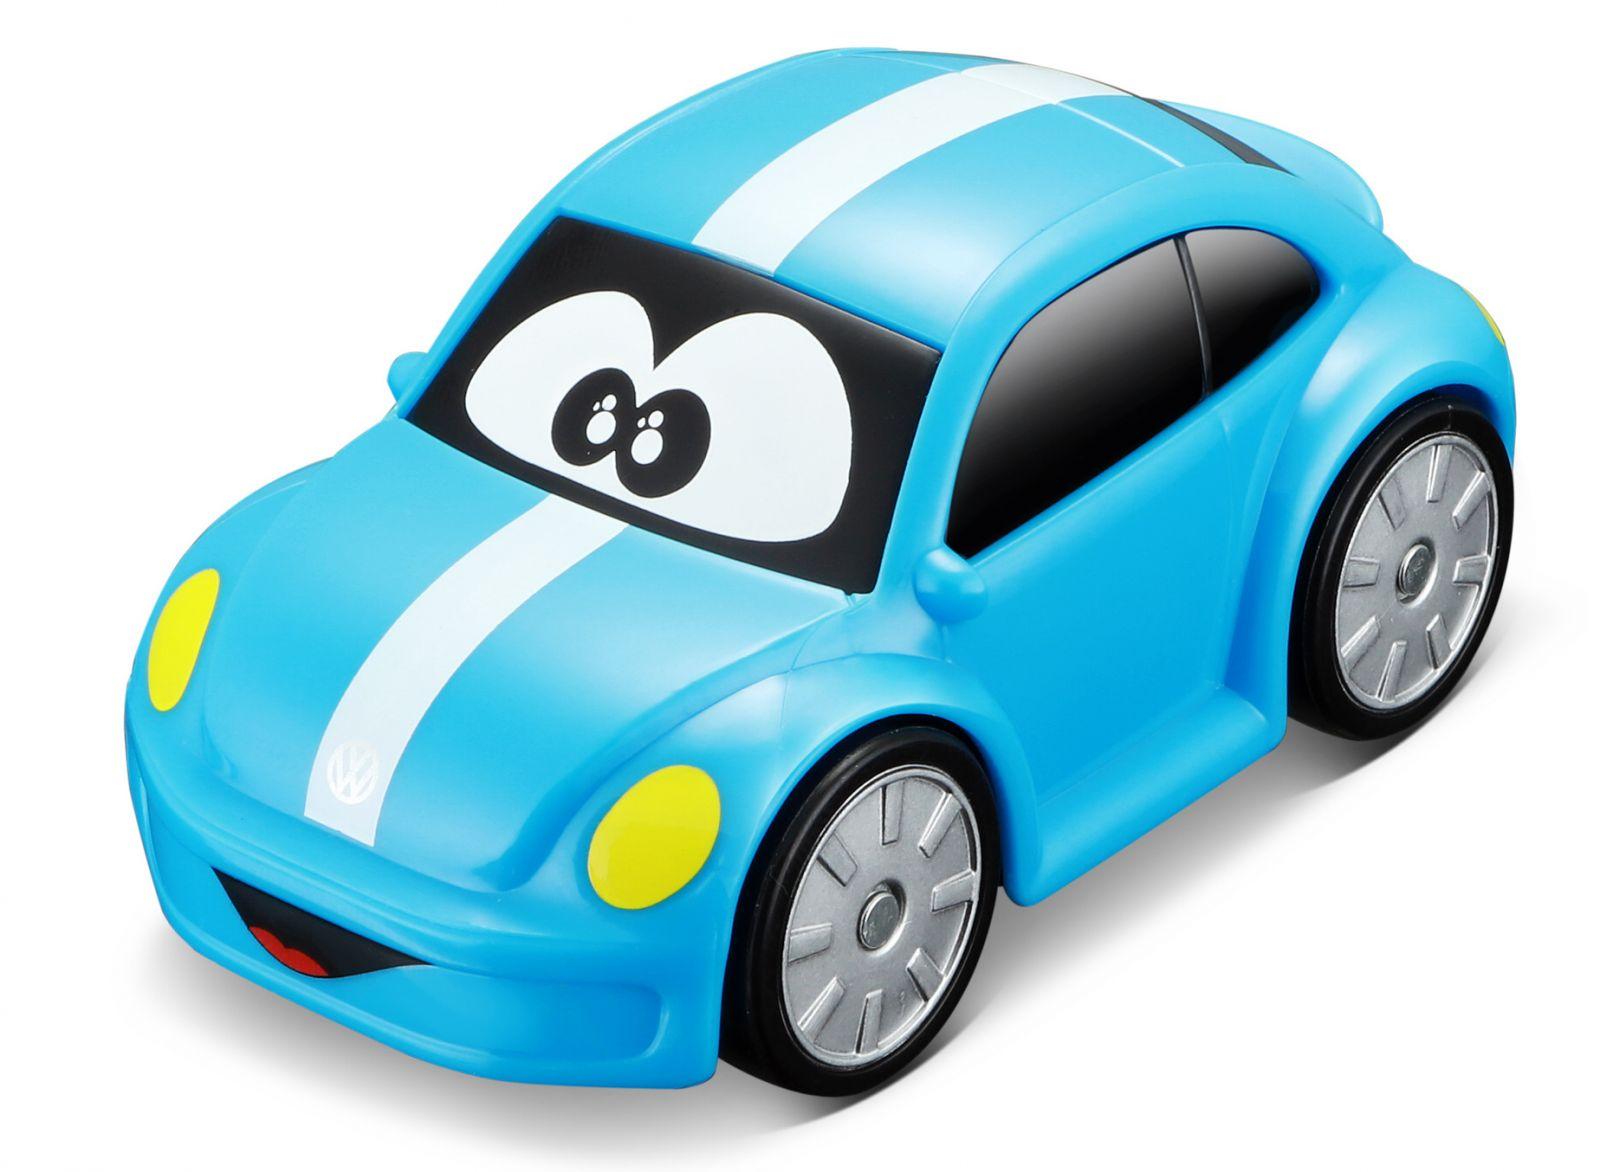 Autíčko Bburago 3,5'' ( 9 cm ) - Volkswagen Beetle - modré